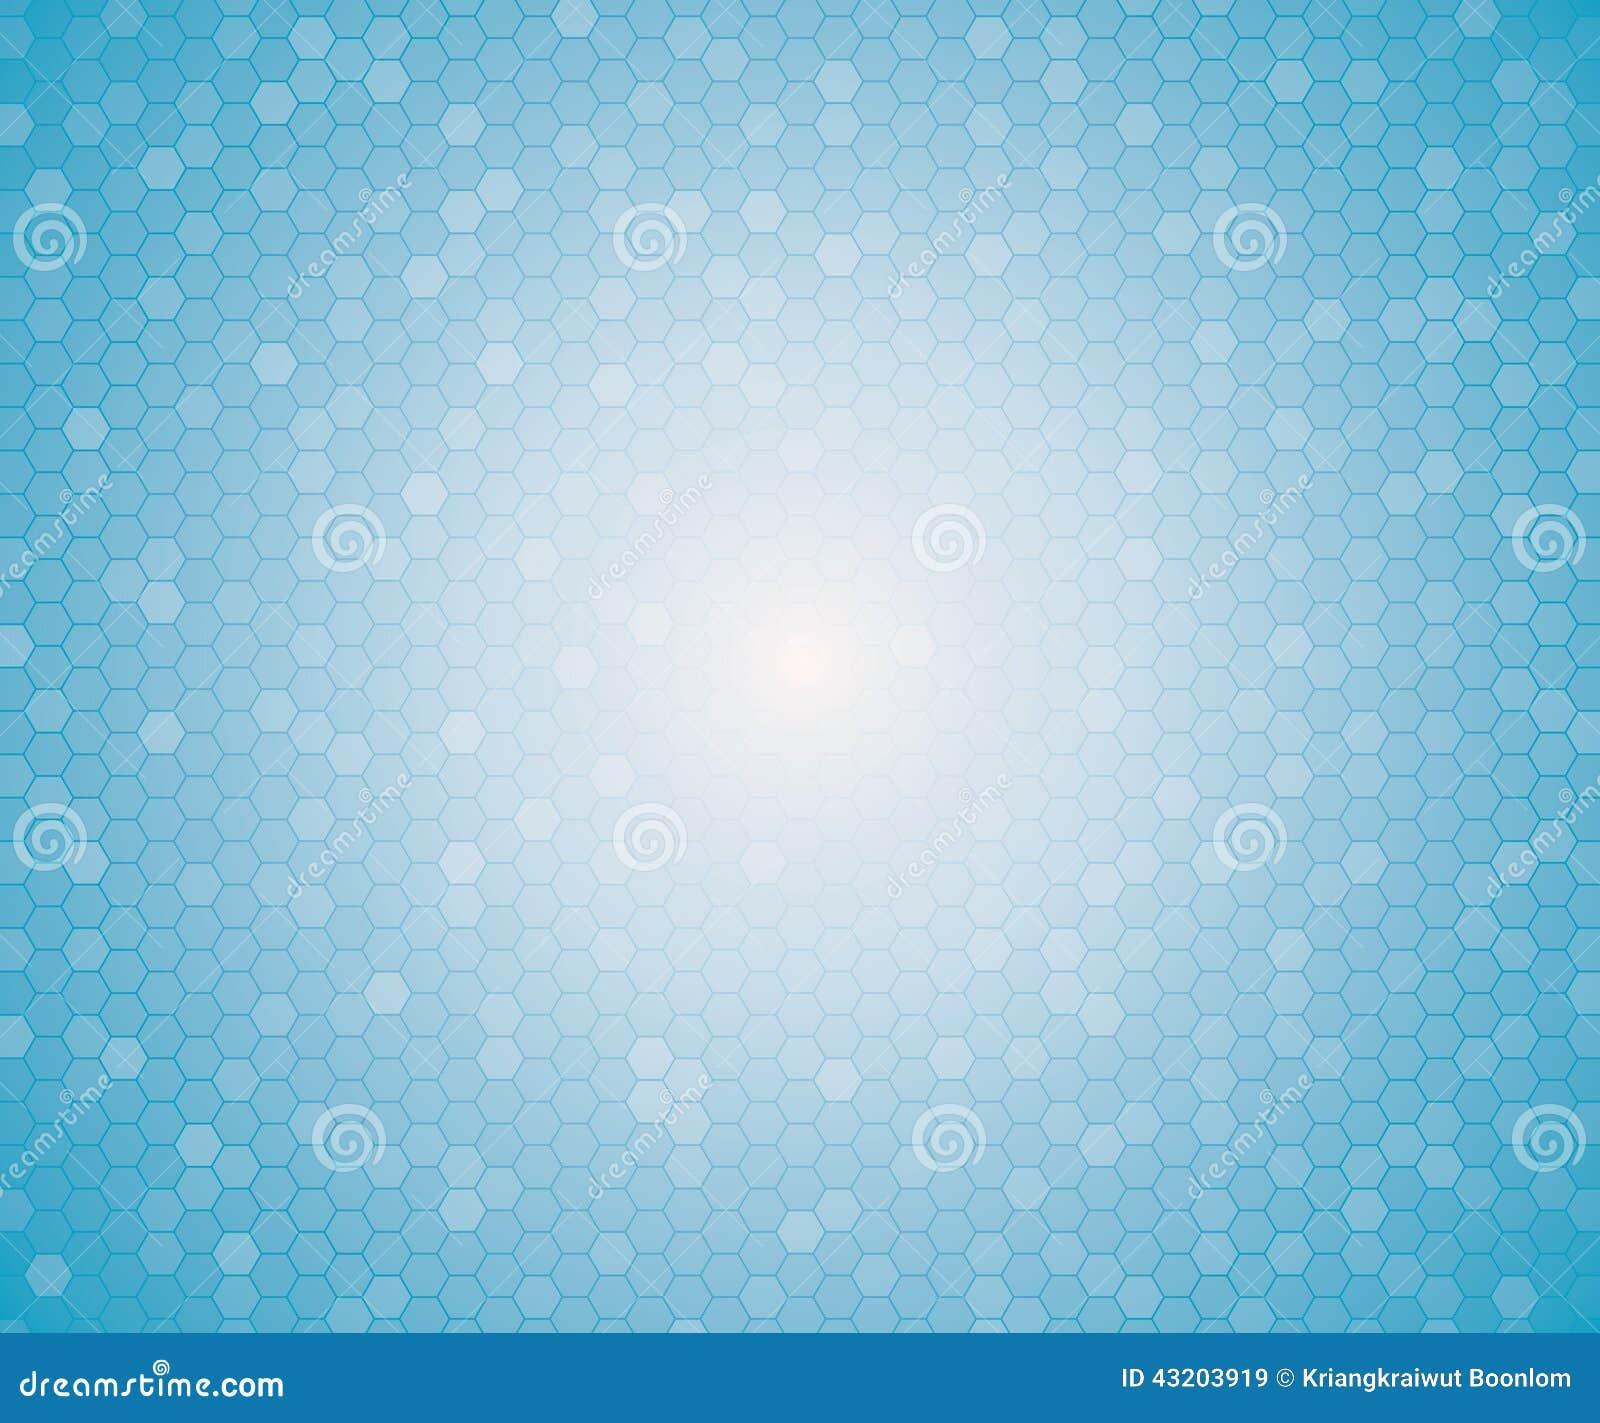 blue hexagonal pattern vector - photo #12